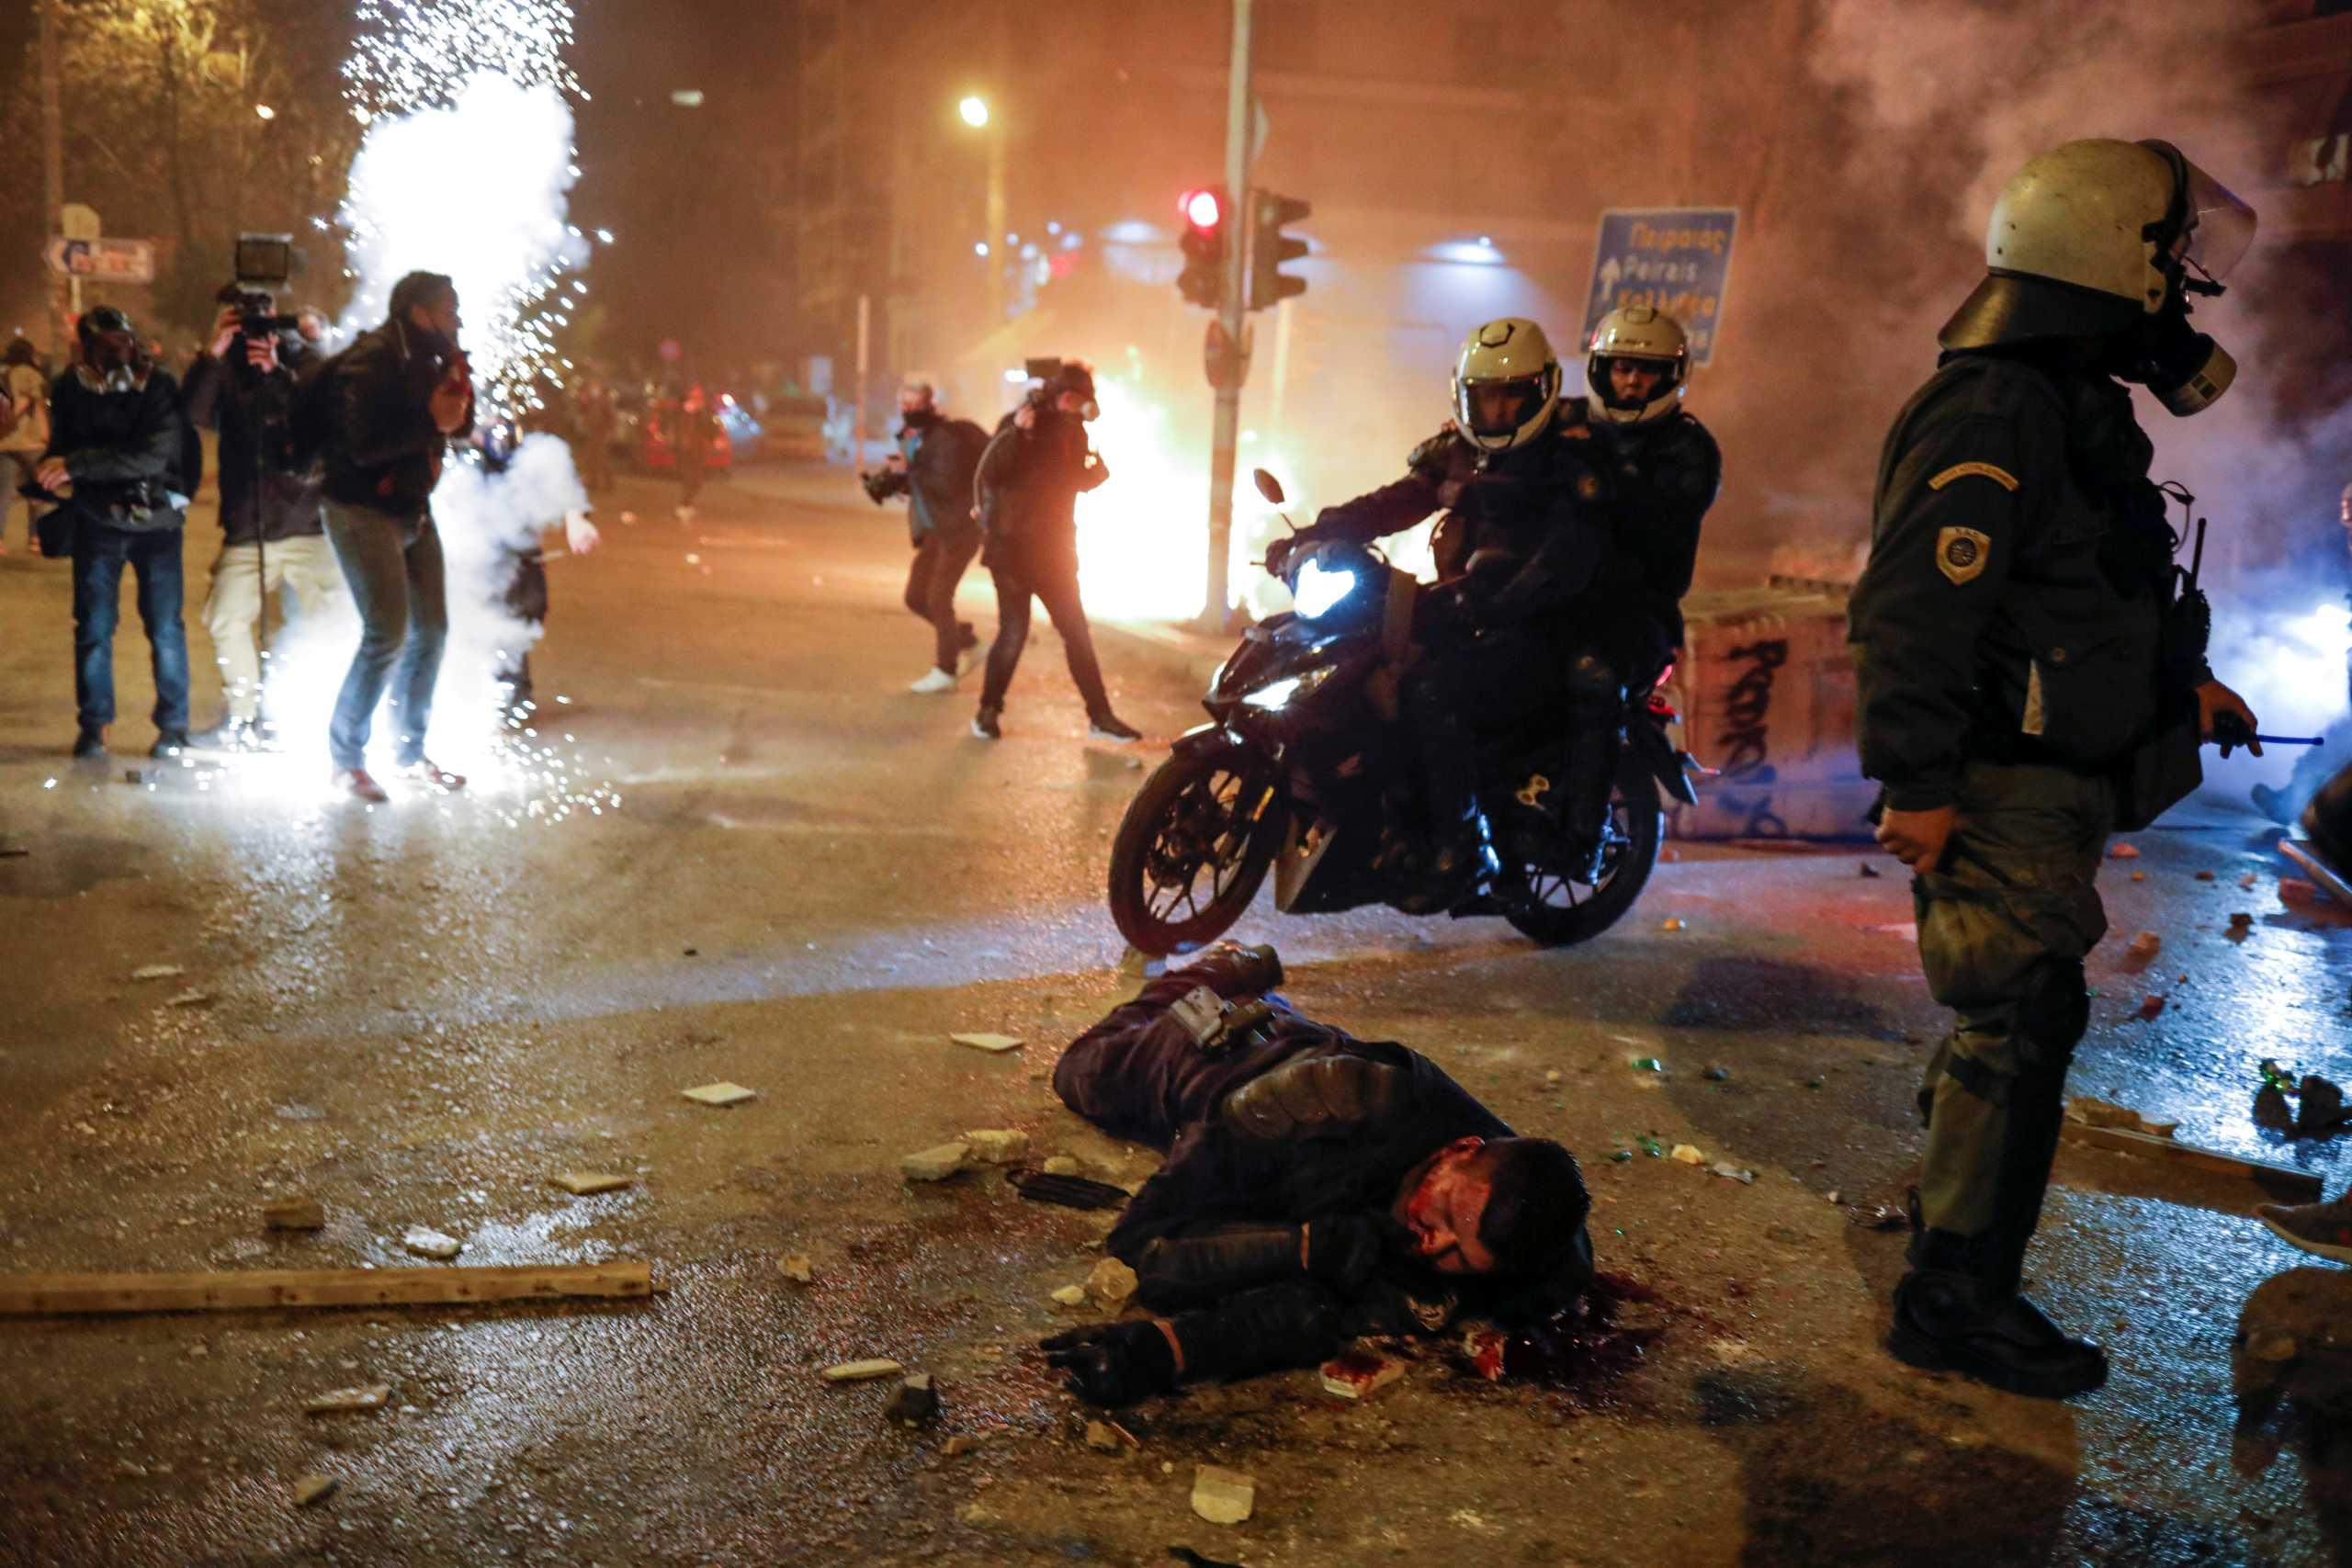 Νέα Σμύρνη: «Πάρτε του το όπλο» – Σοκάρουν τα λόγια των δραστών του ξυλοδαρμού του αστυνομικού